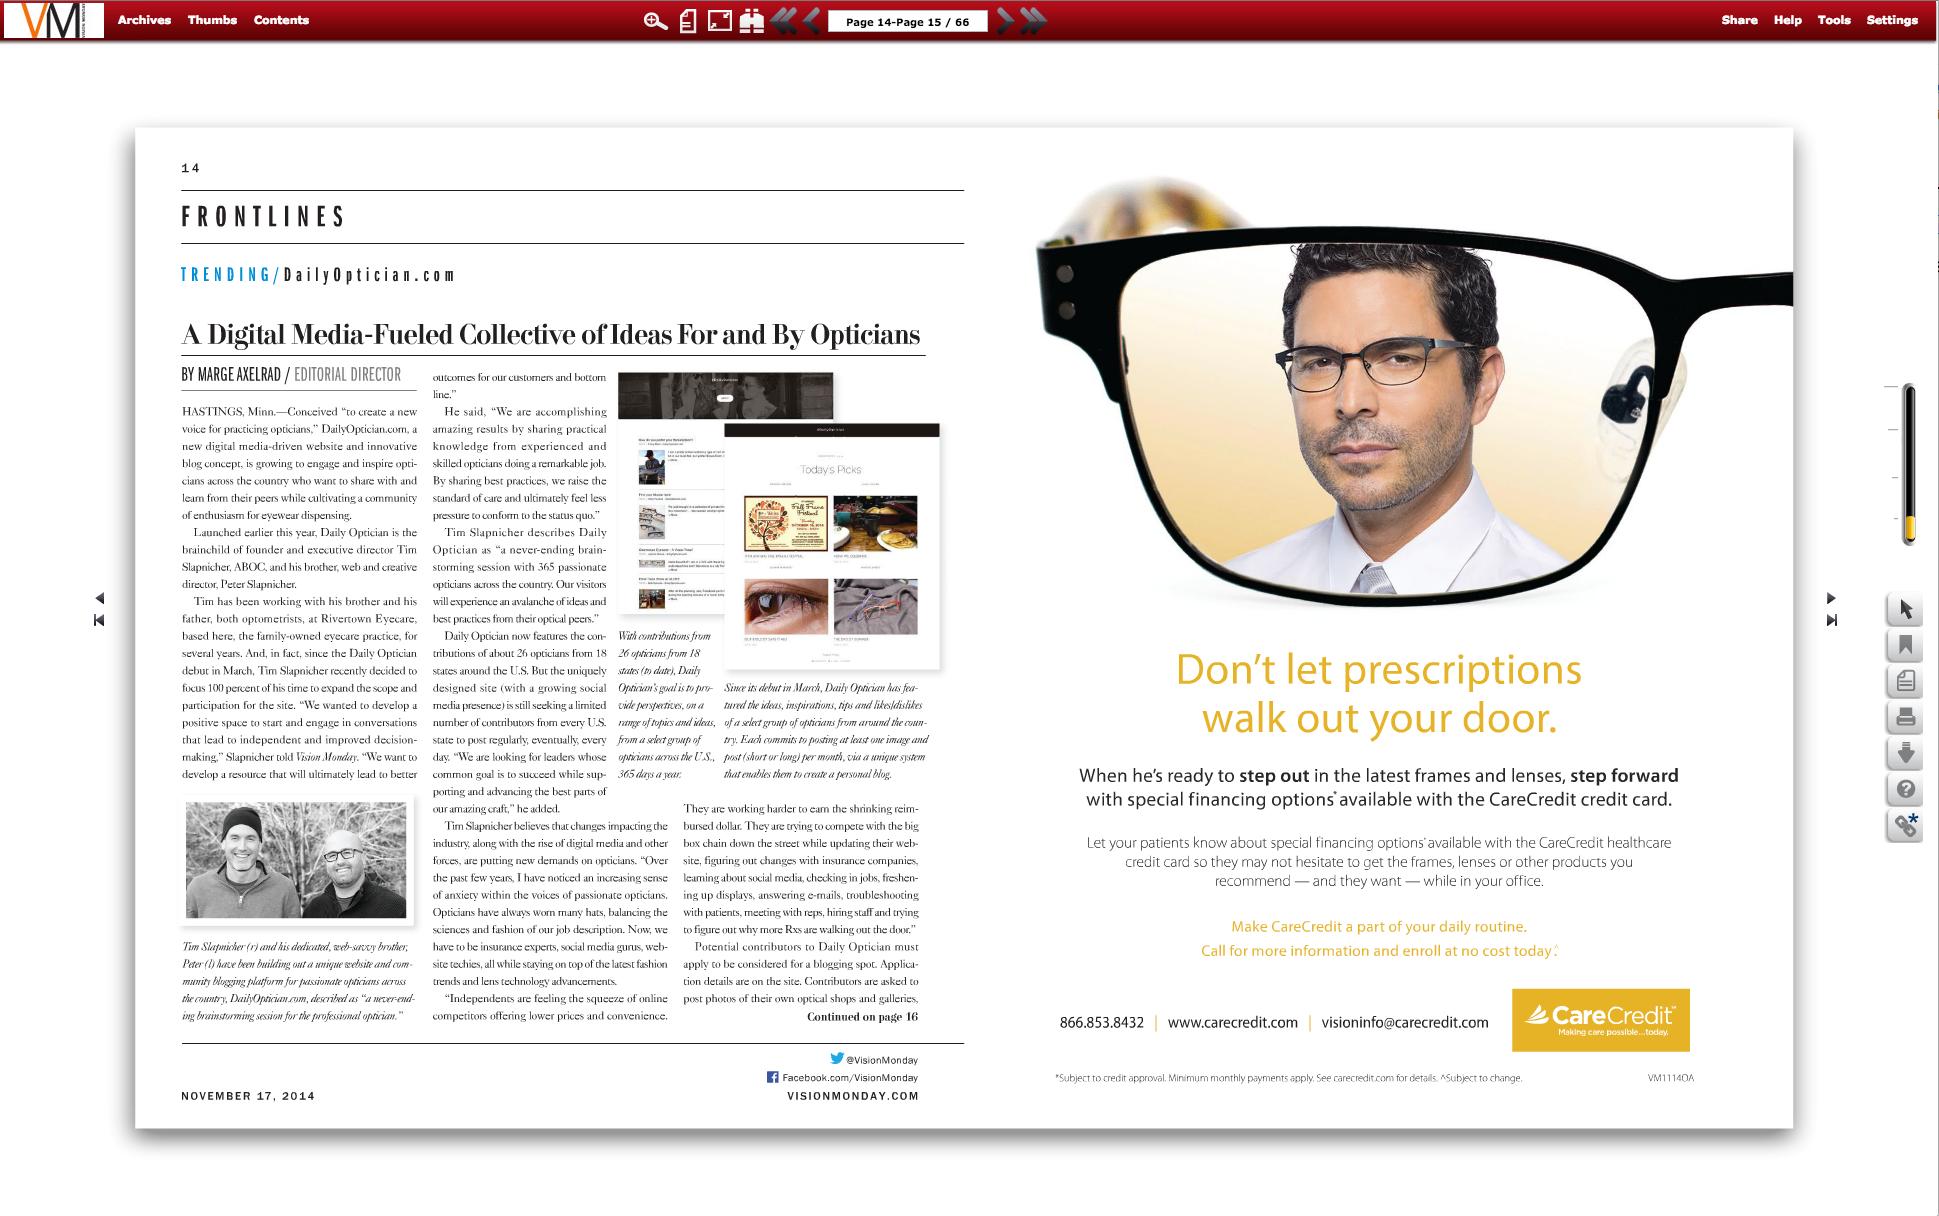 Screenshot: http://bt.e-ditionsbyfry.com/publication/?i=233320